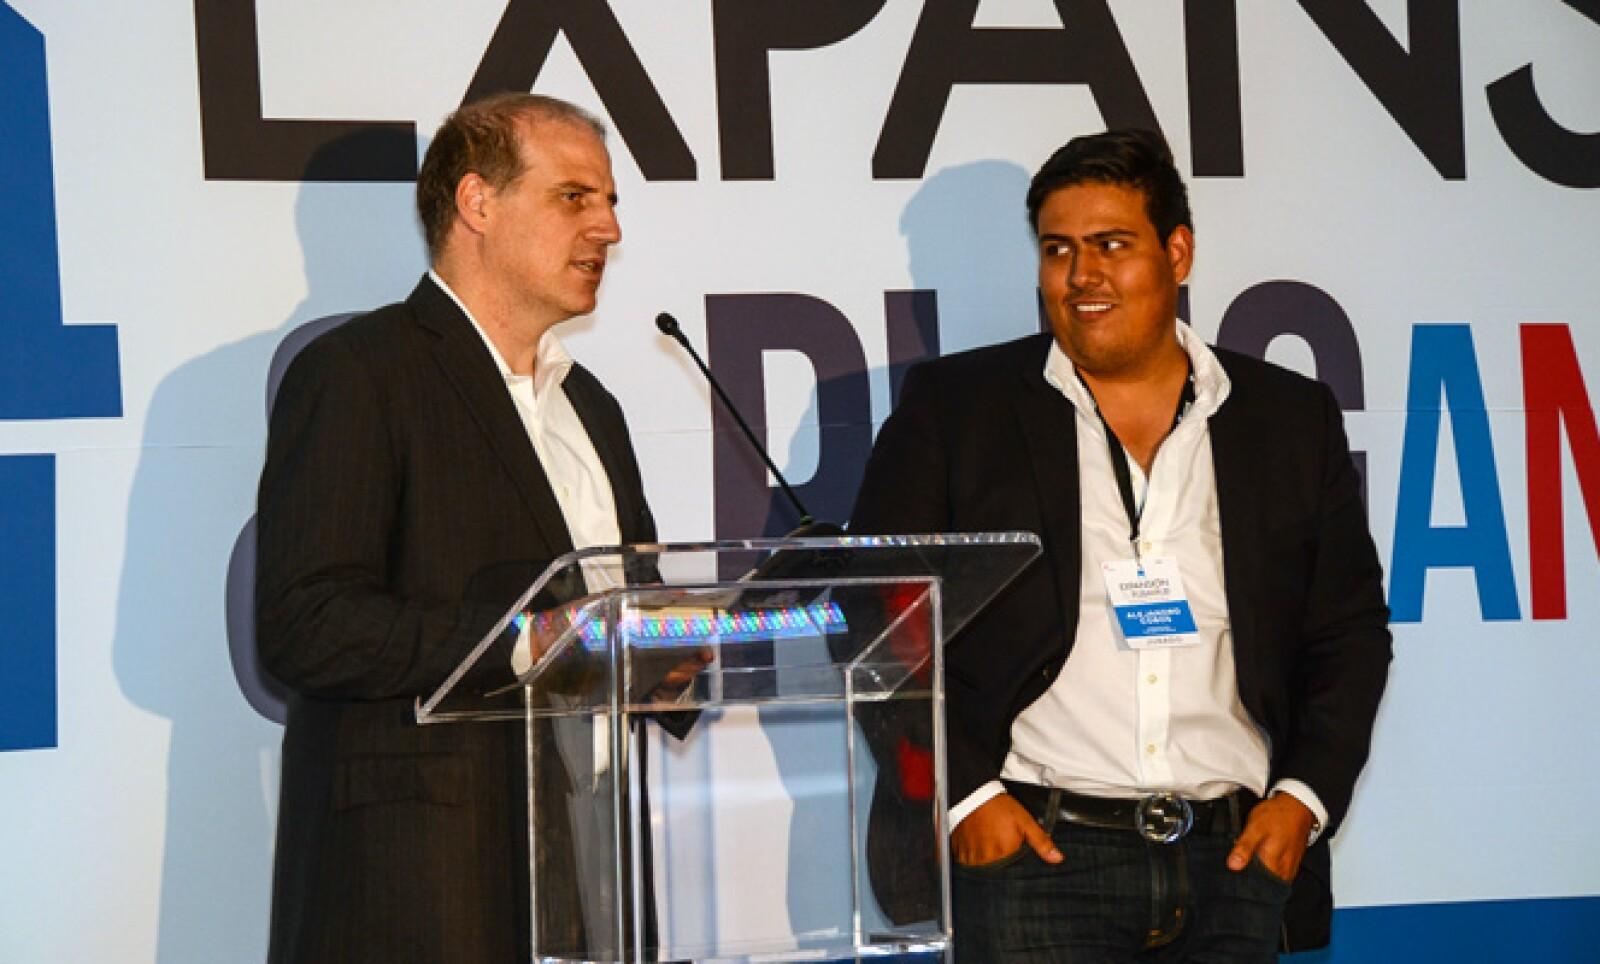 Alberto Bello, director de noticias y negocios de Grupo Expansión y Alejandro Cobos, representante de Plug and Play México, explicaron el alcance de su alianza.